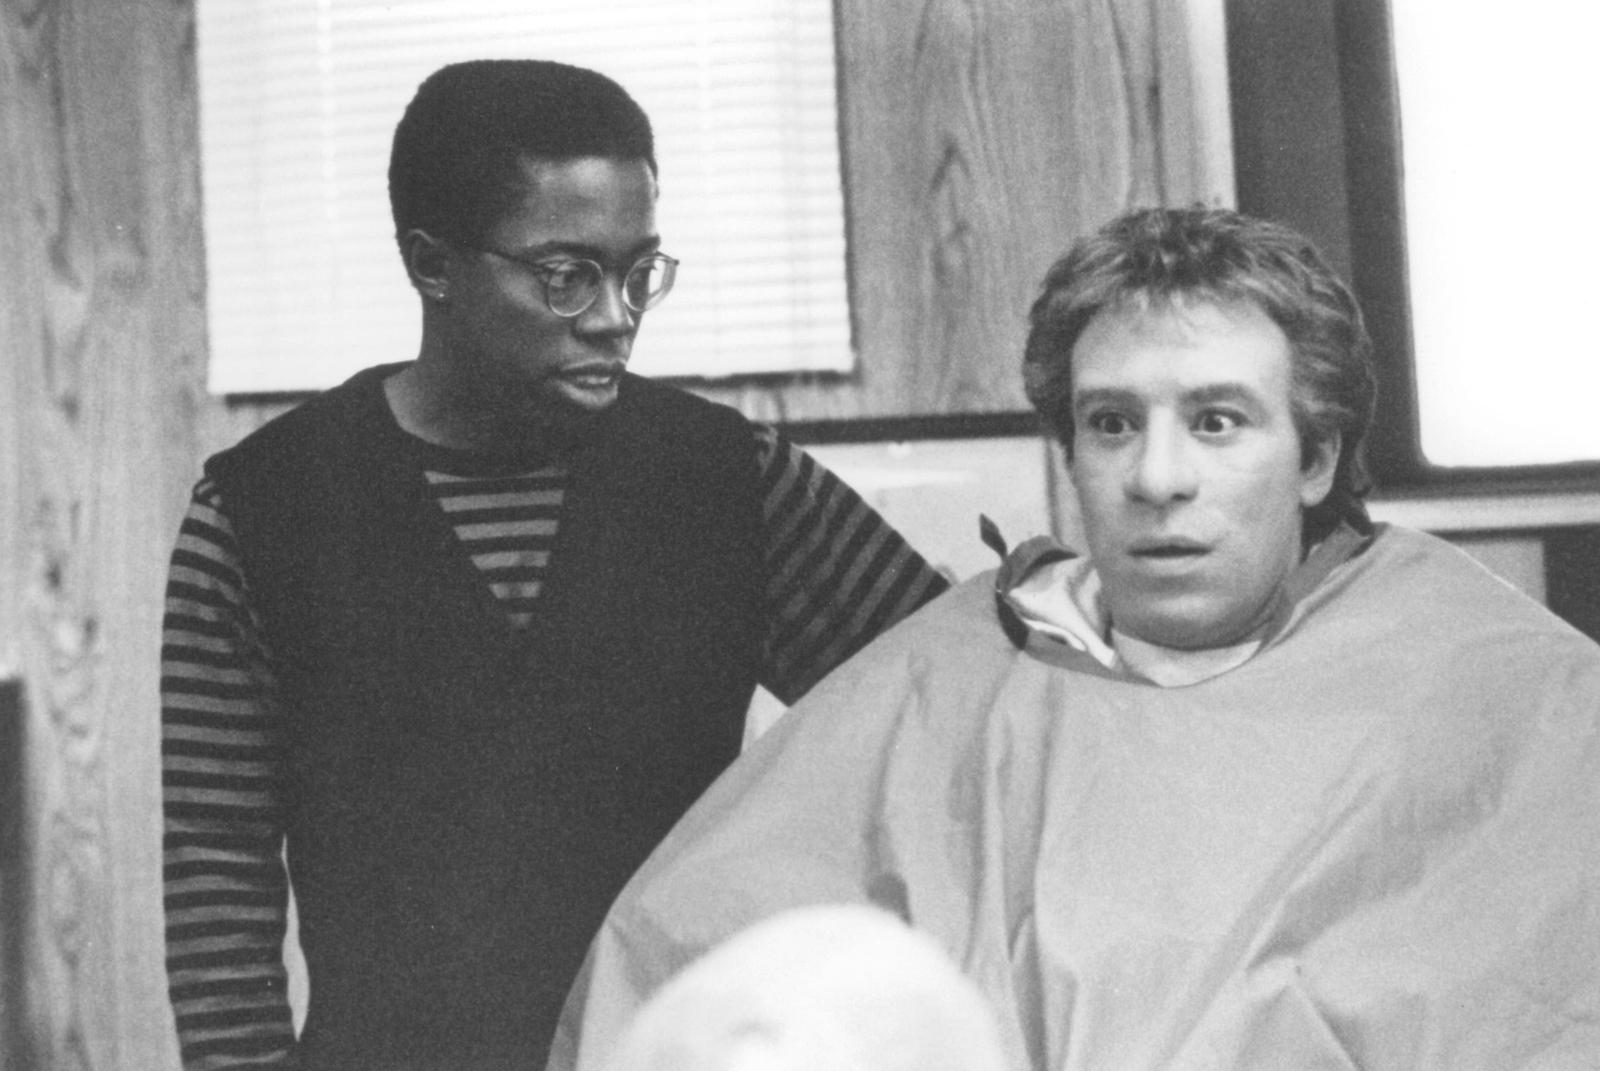 Фильм 90 х годов зарубежный комедия про негра и белого